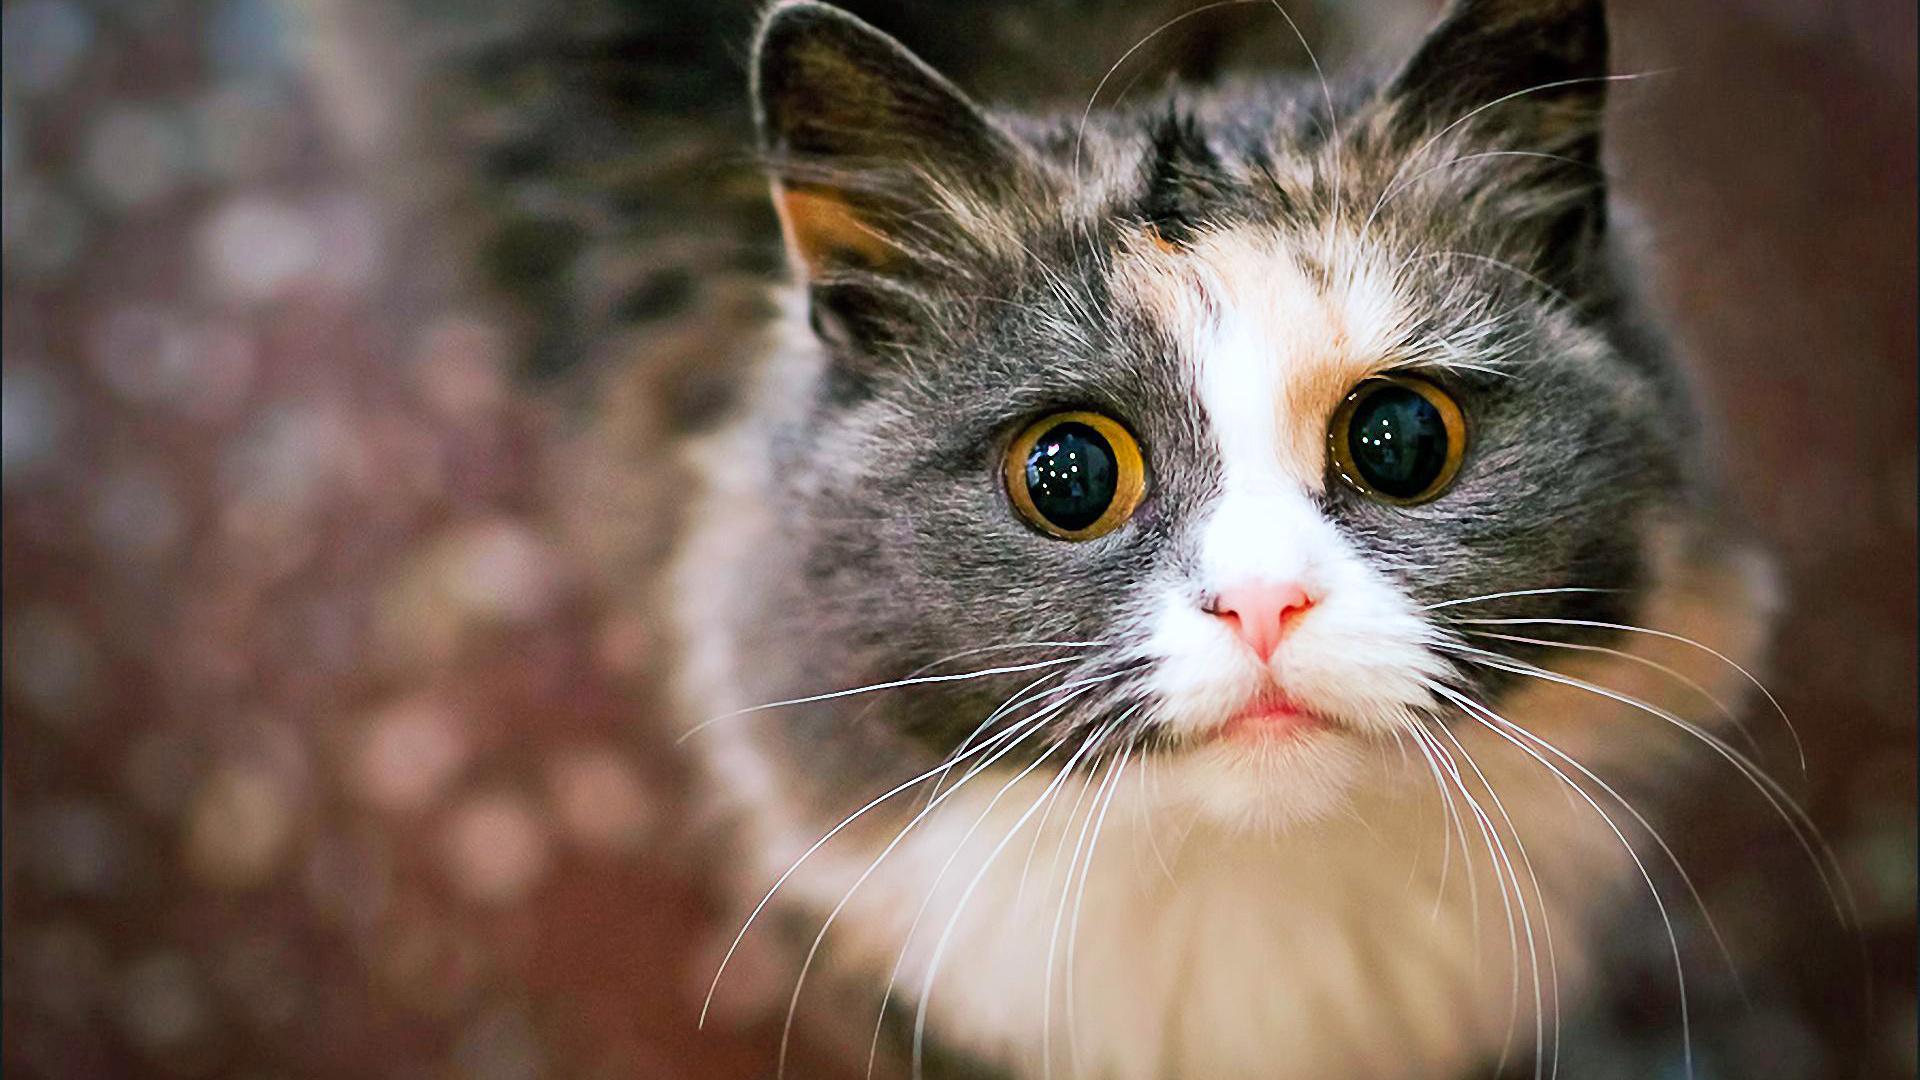 Бракосочетанием открытки, смешные картинки с кошками на заставку